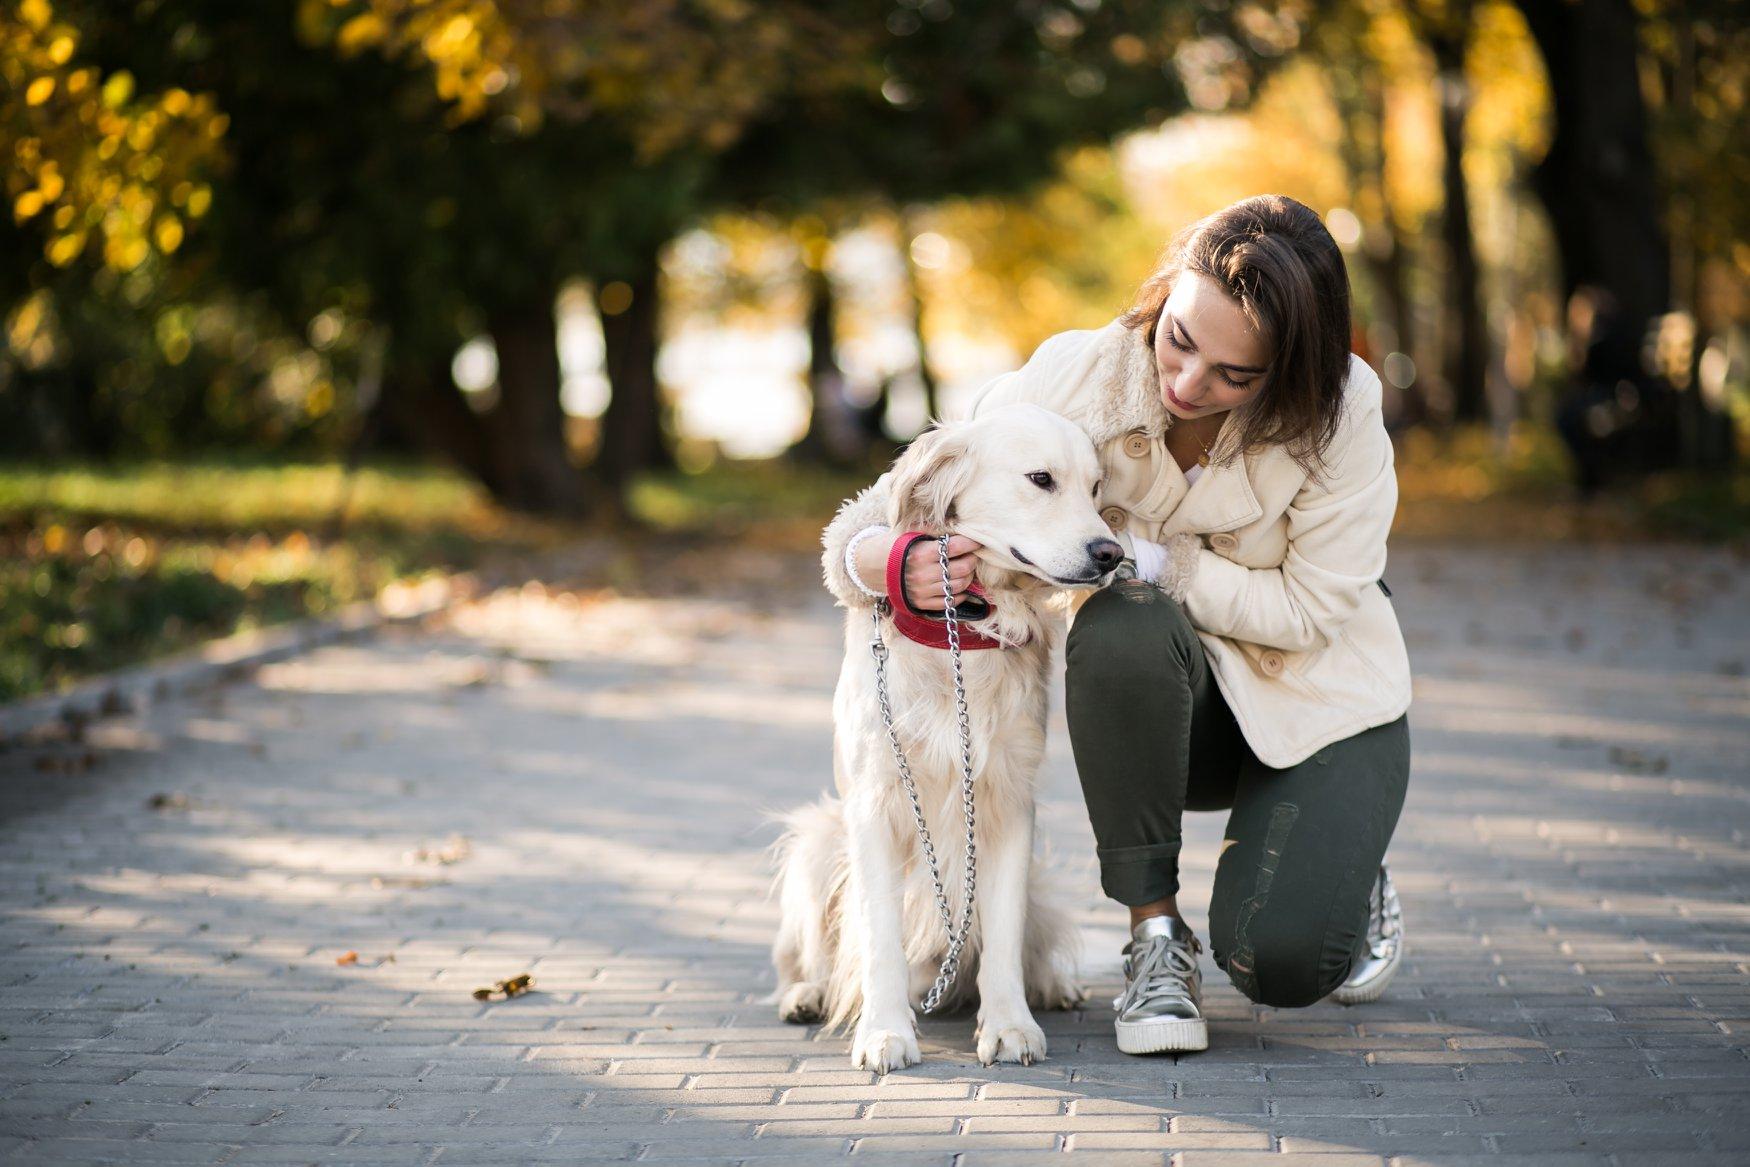 Rete Per Gatti Condominio treviso, nasce l'ufficio per cani e gatti: servizi e aiuti